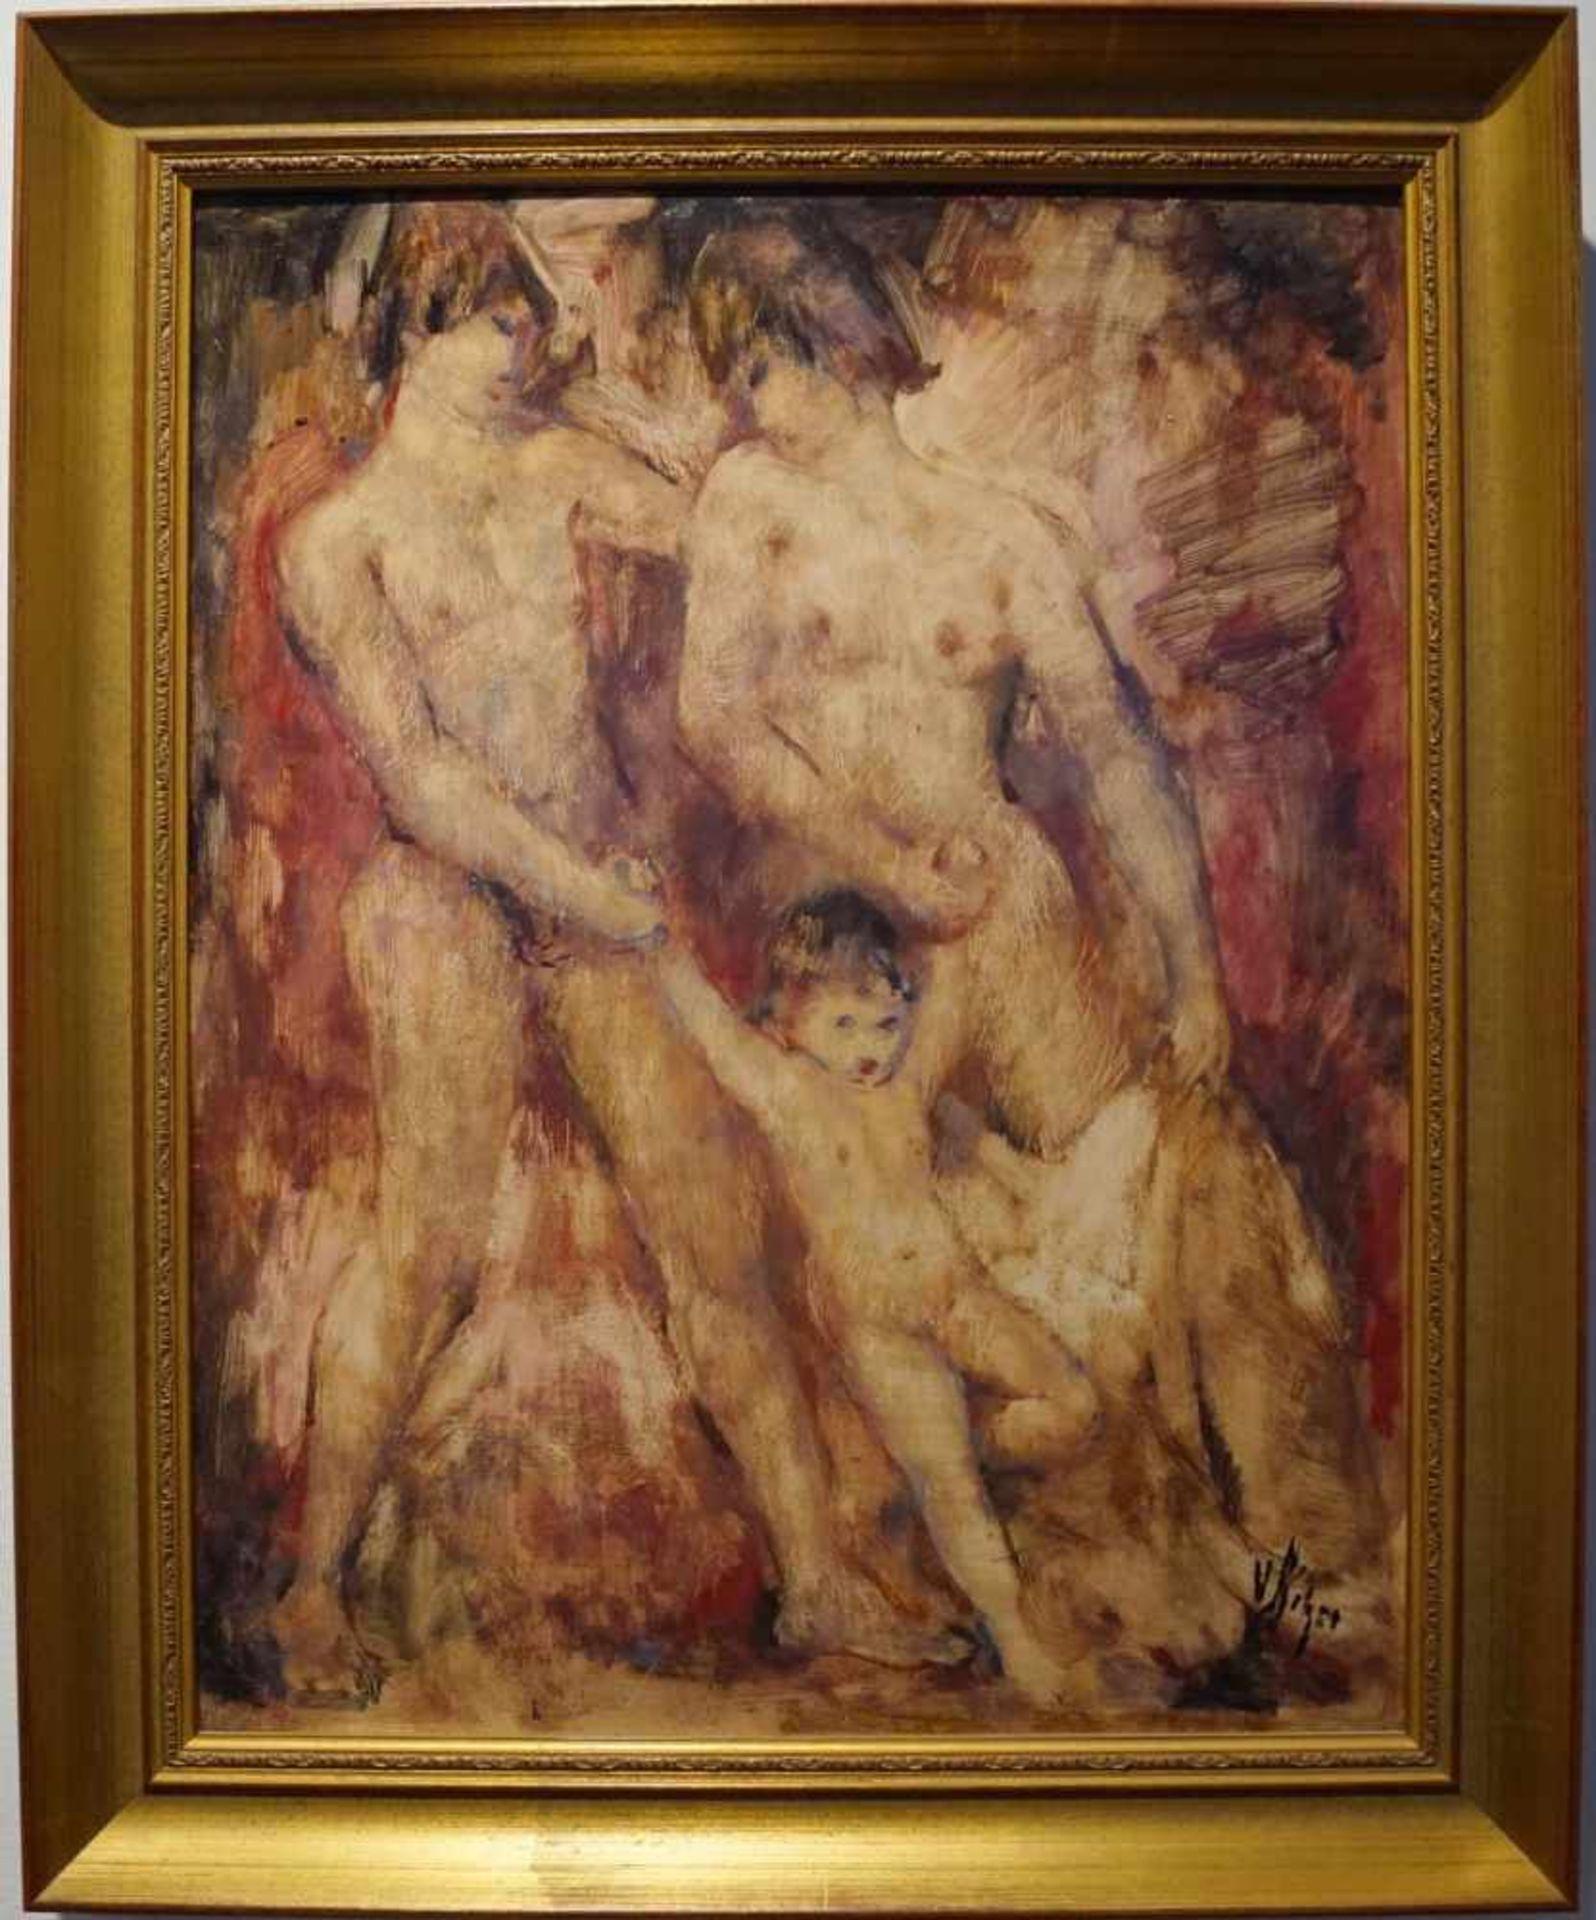 Paar mit Kind Werner Hitzer (1918-2005), Mischtechnik/Platte, Rahmen, Höhe 57,5 cm x Breite 47 cm,